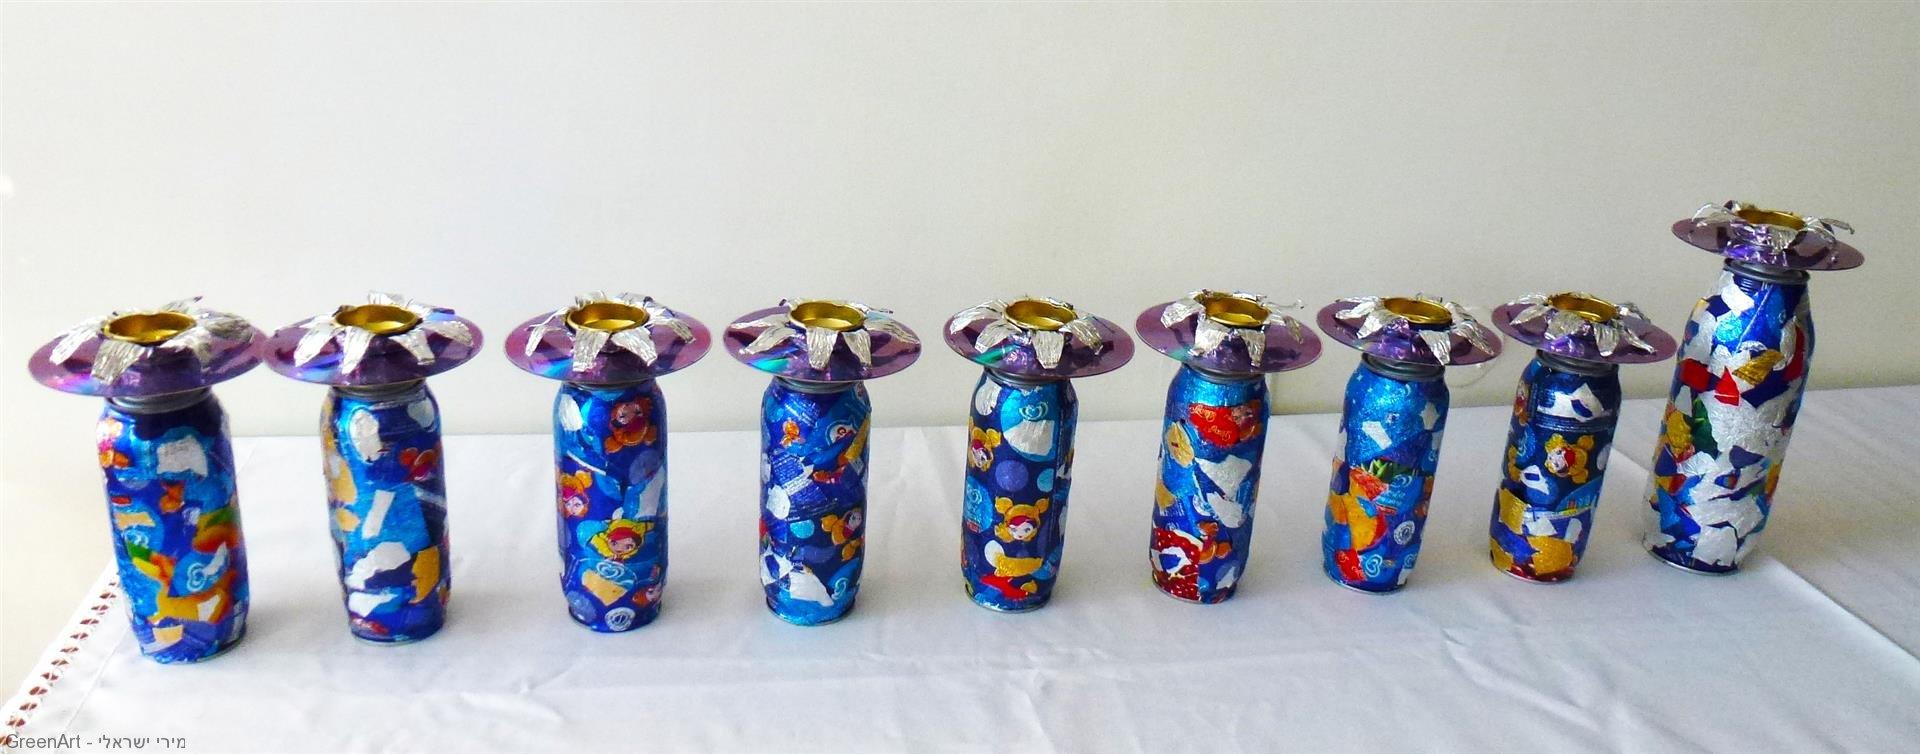 חנוכיה הממוחזרת מאריזות מזון ותקליטורים - Menorah made from recycled materials